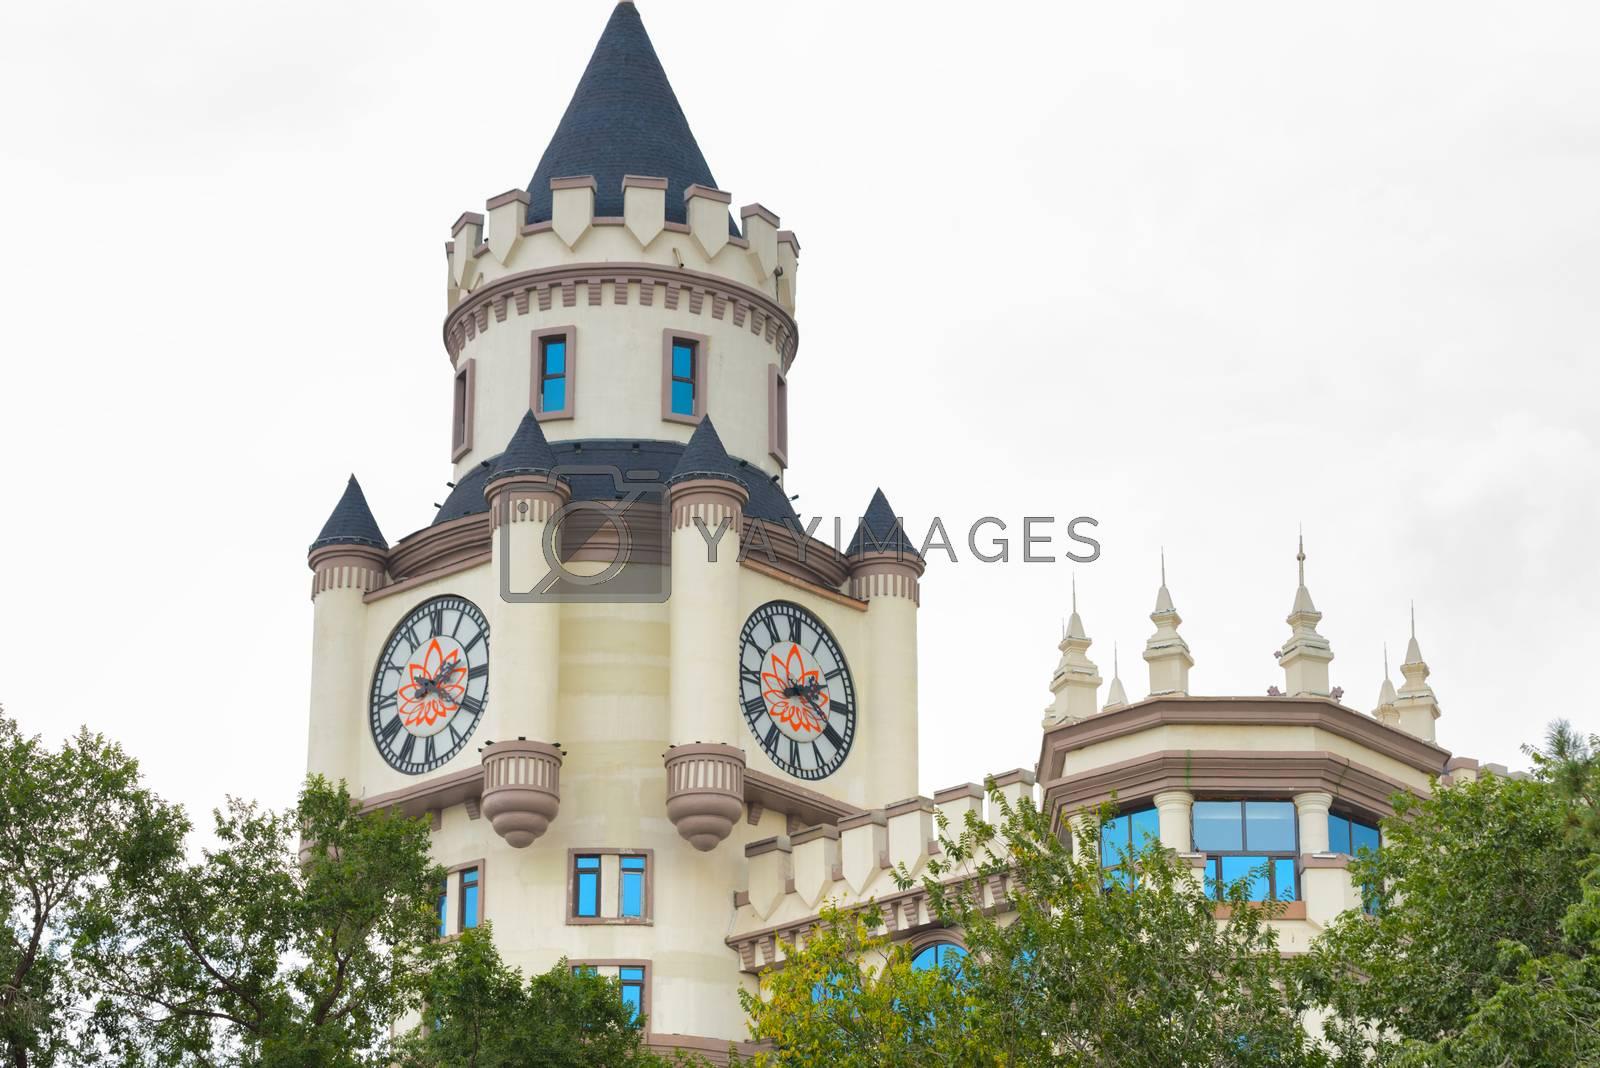 Facade of a modern castle. White building in Harbin